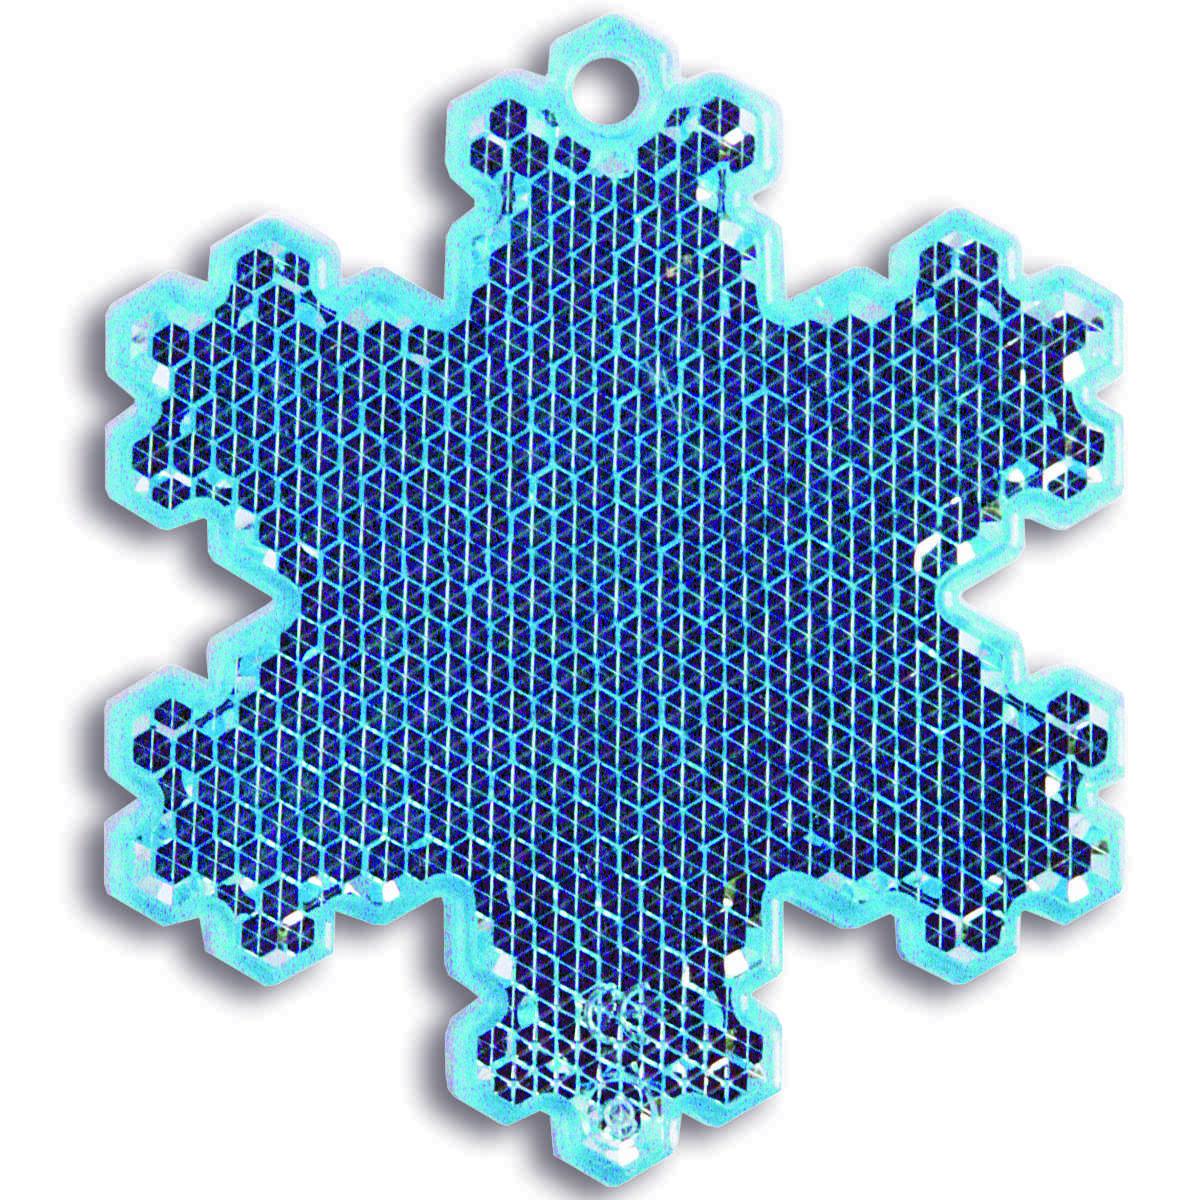 Мамасвет Светоотражатель пешеходный Снежинка цвет голубой06039A3402Светоотражатель пешеходный Мамасвет Снежинка выполнен из высококачественного материала в виде подвески.Светоотражатель должен свободно раскачиваться и быть видимым со всех сторон. В комплект со светоотражателем входит специальное крепление - шариковая цепочка. В темное время суток движущийся пешеход становится виден в свете автомобильных фар только на расстоянии 30 метров - у водителя остается всего лишь 1,3 секунды на то, чтобы среагировать. Пешеход же со светоотражателем заметен уже на расстоянии 150-400 метров, и у водителя есть целых 7 секунд, чтобы объехать его и избежать ДТП.Специалисты считают, что в темноте риск для пешехода стать жертвой ДТП или спровоцировать аварию возрастает в два раза, а у пешехода без светоотражателя он почти в десять раз выше, чем у того, кто использует это полезное изобретение.